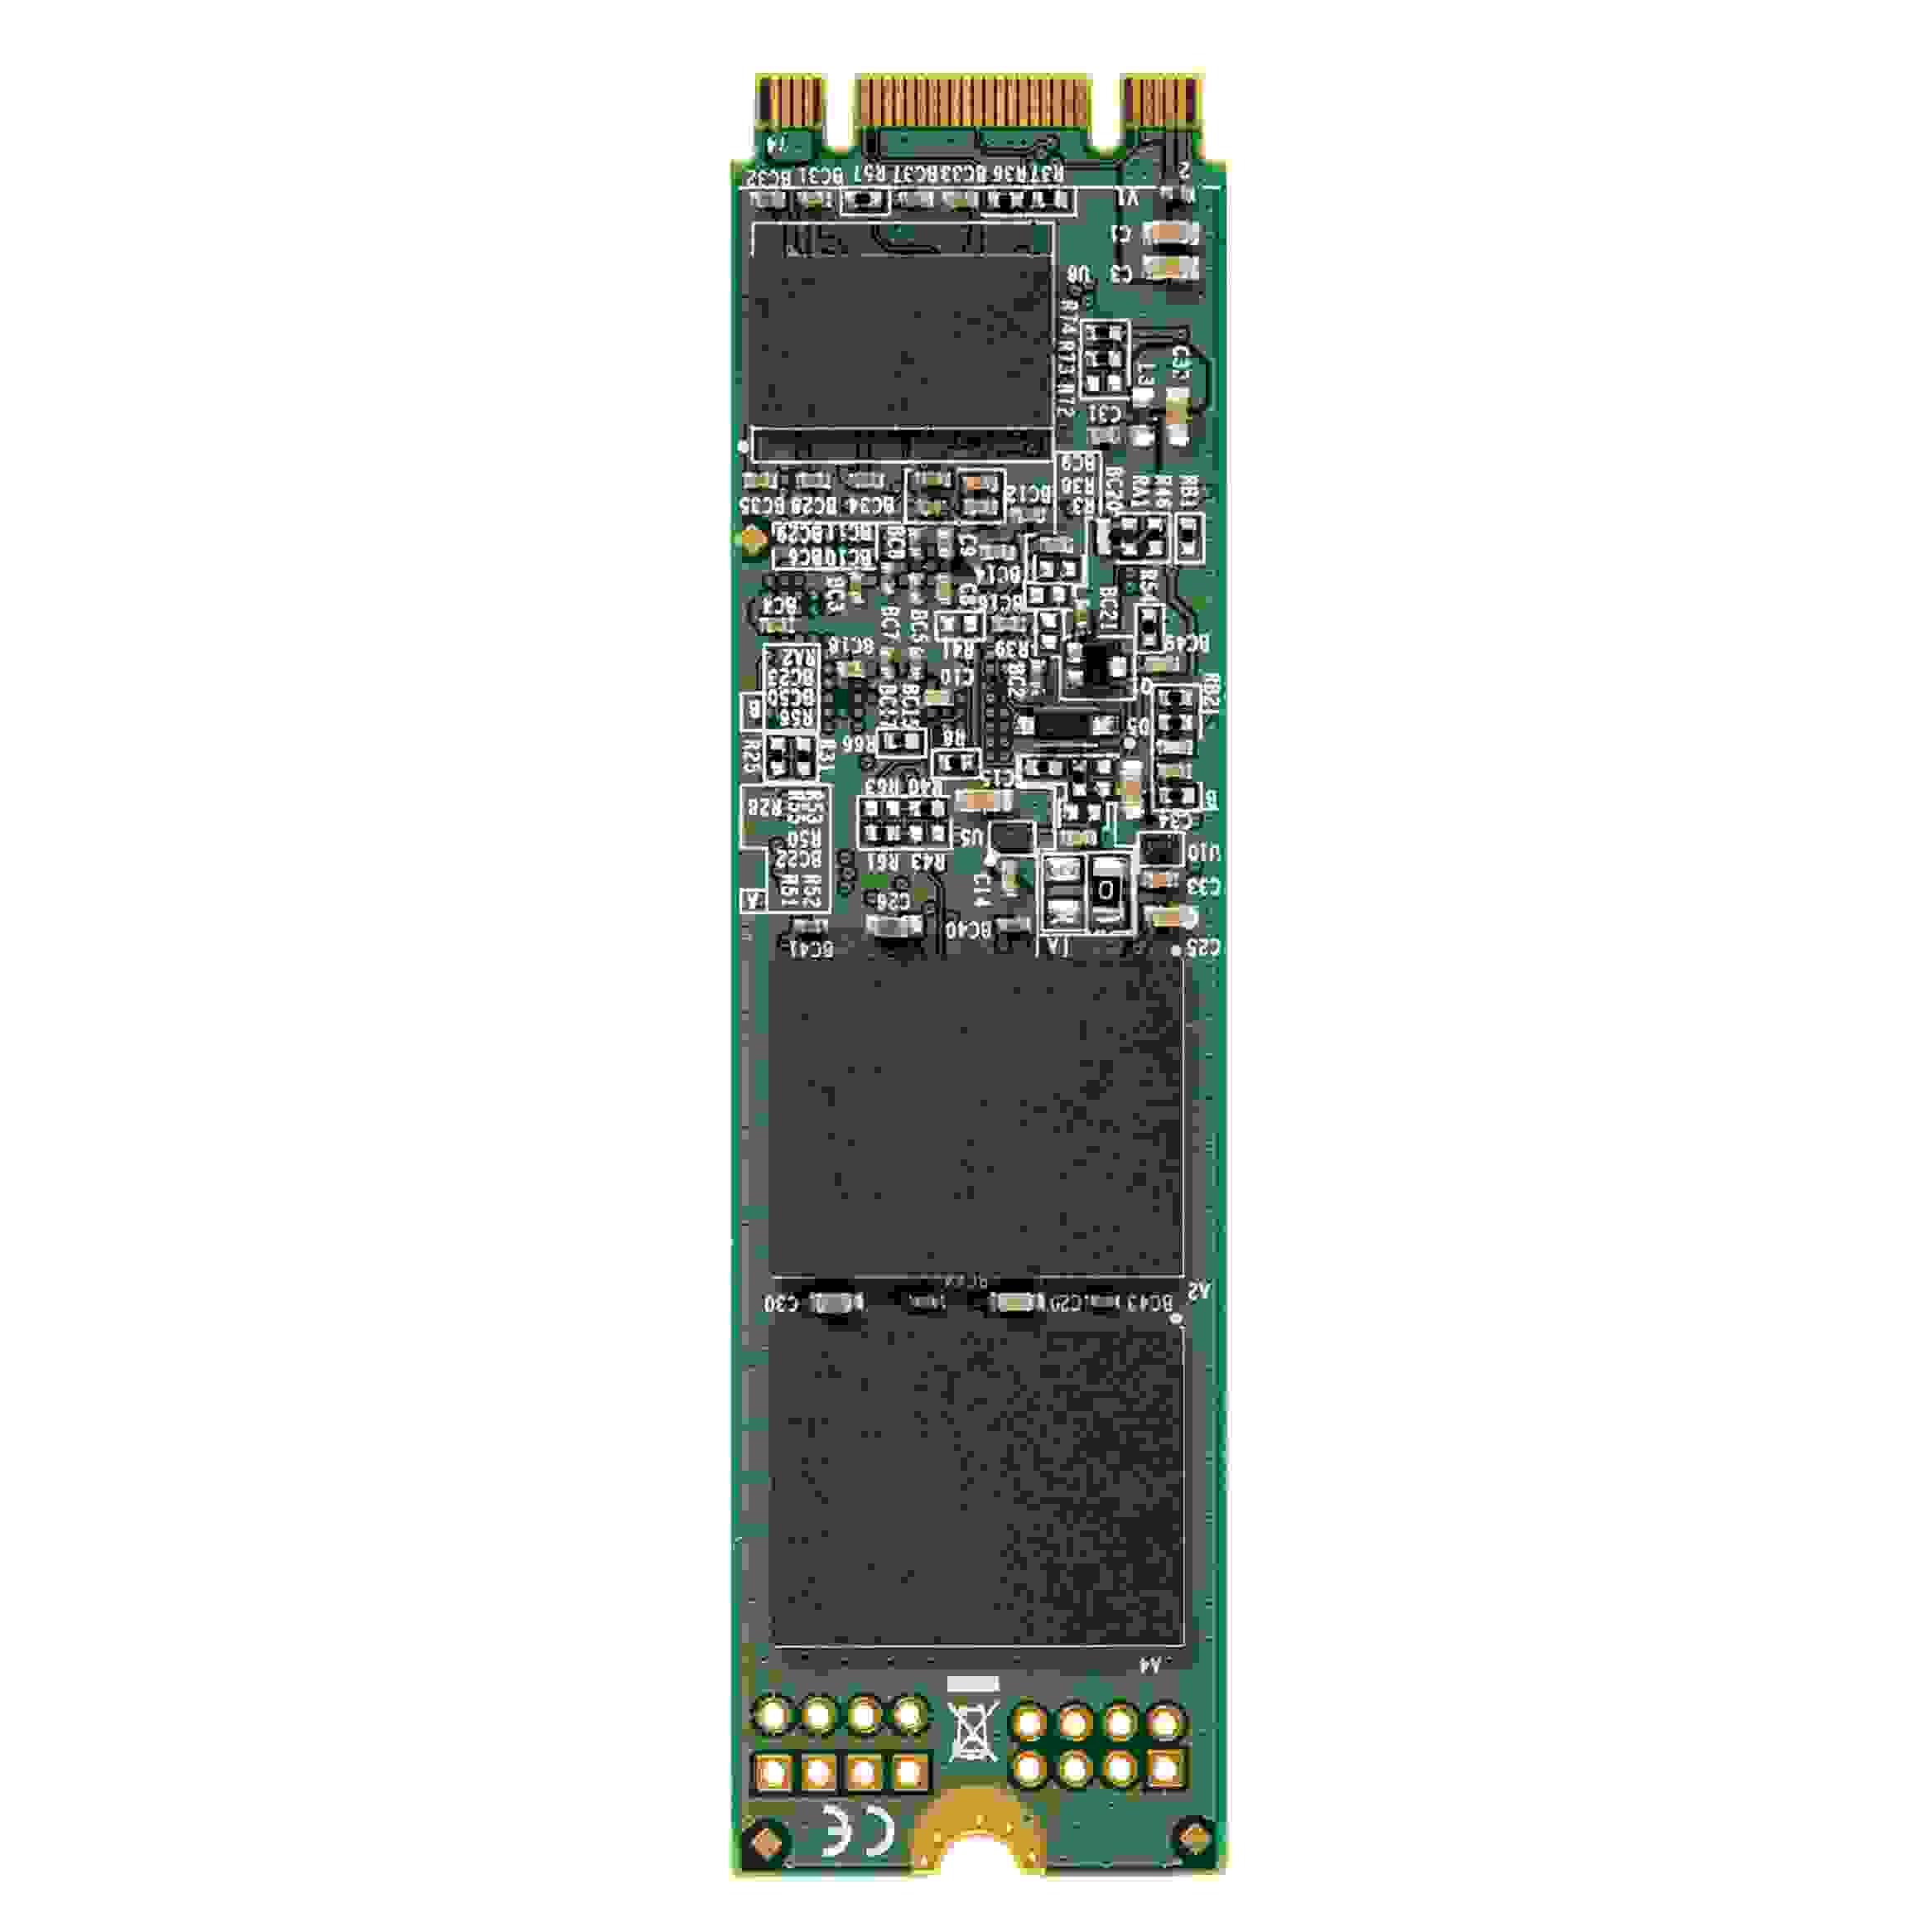 TRANSCEND Industrial SSD MTS800 128GB, M.2 2280, SATA III 6Gb/s, MLC (TS128GMTS800S)